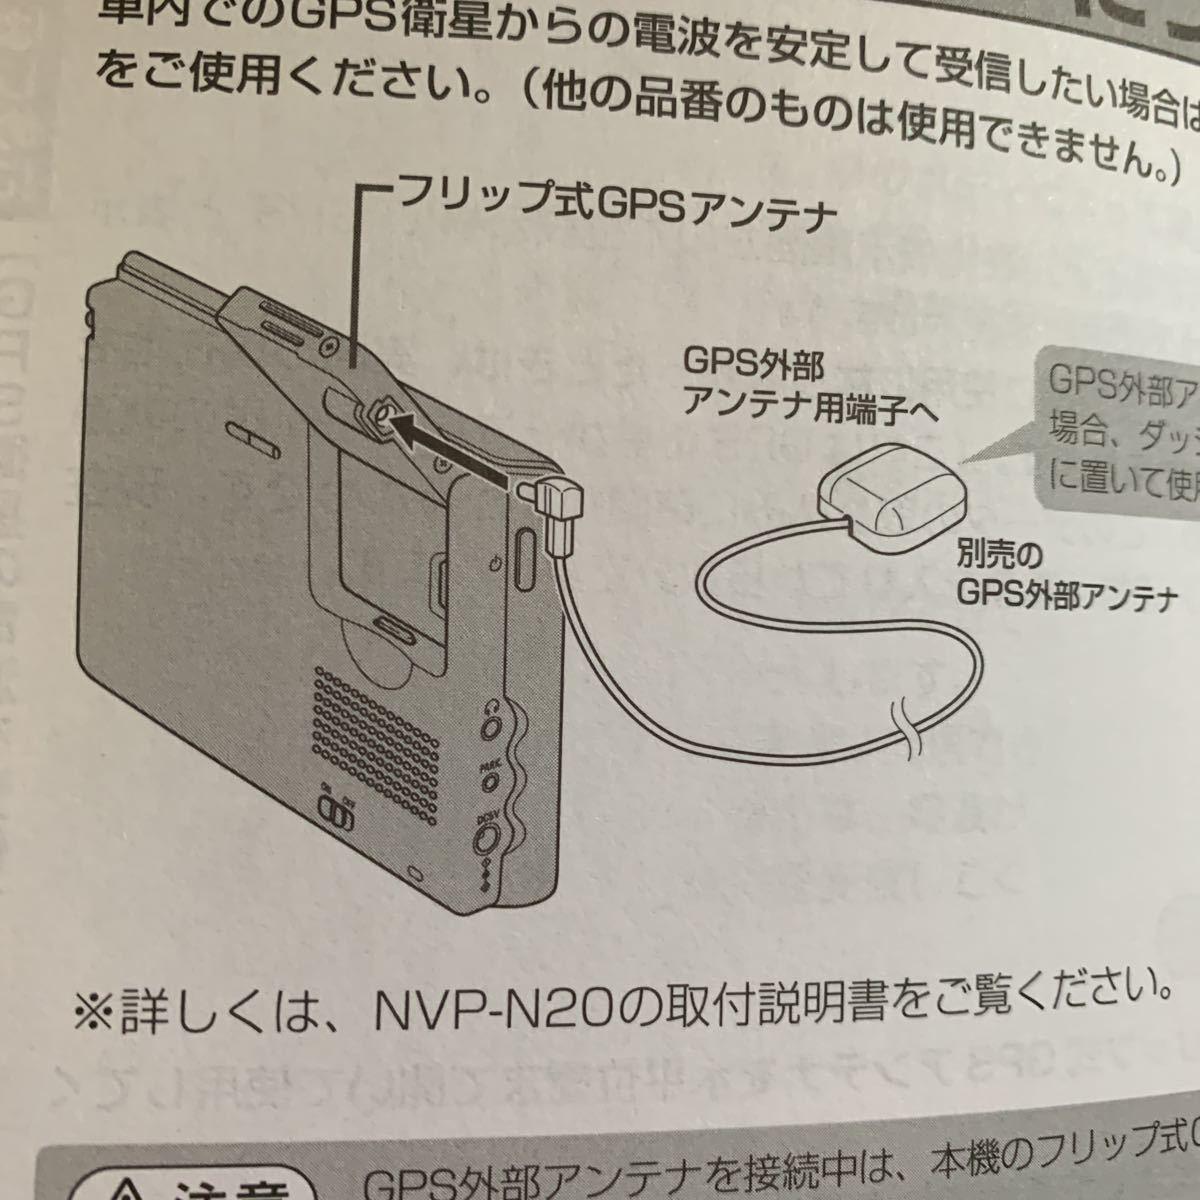 サンヨー SANYO SSDポータブルナビゲーション 品番NV-LB50DT 取扱説明書_画像5